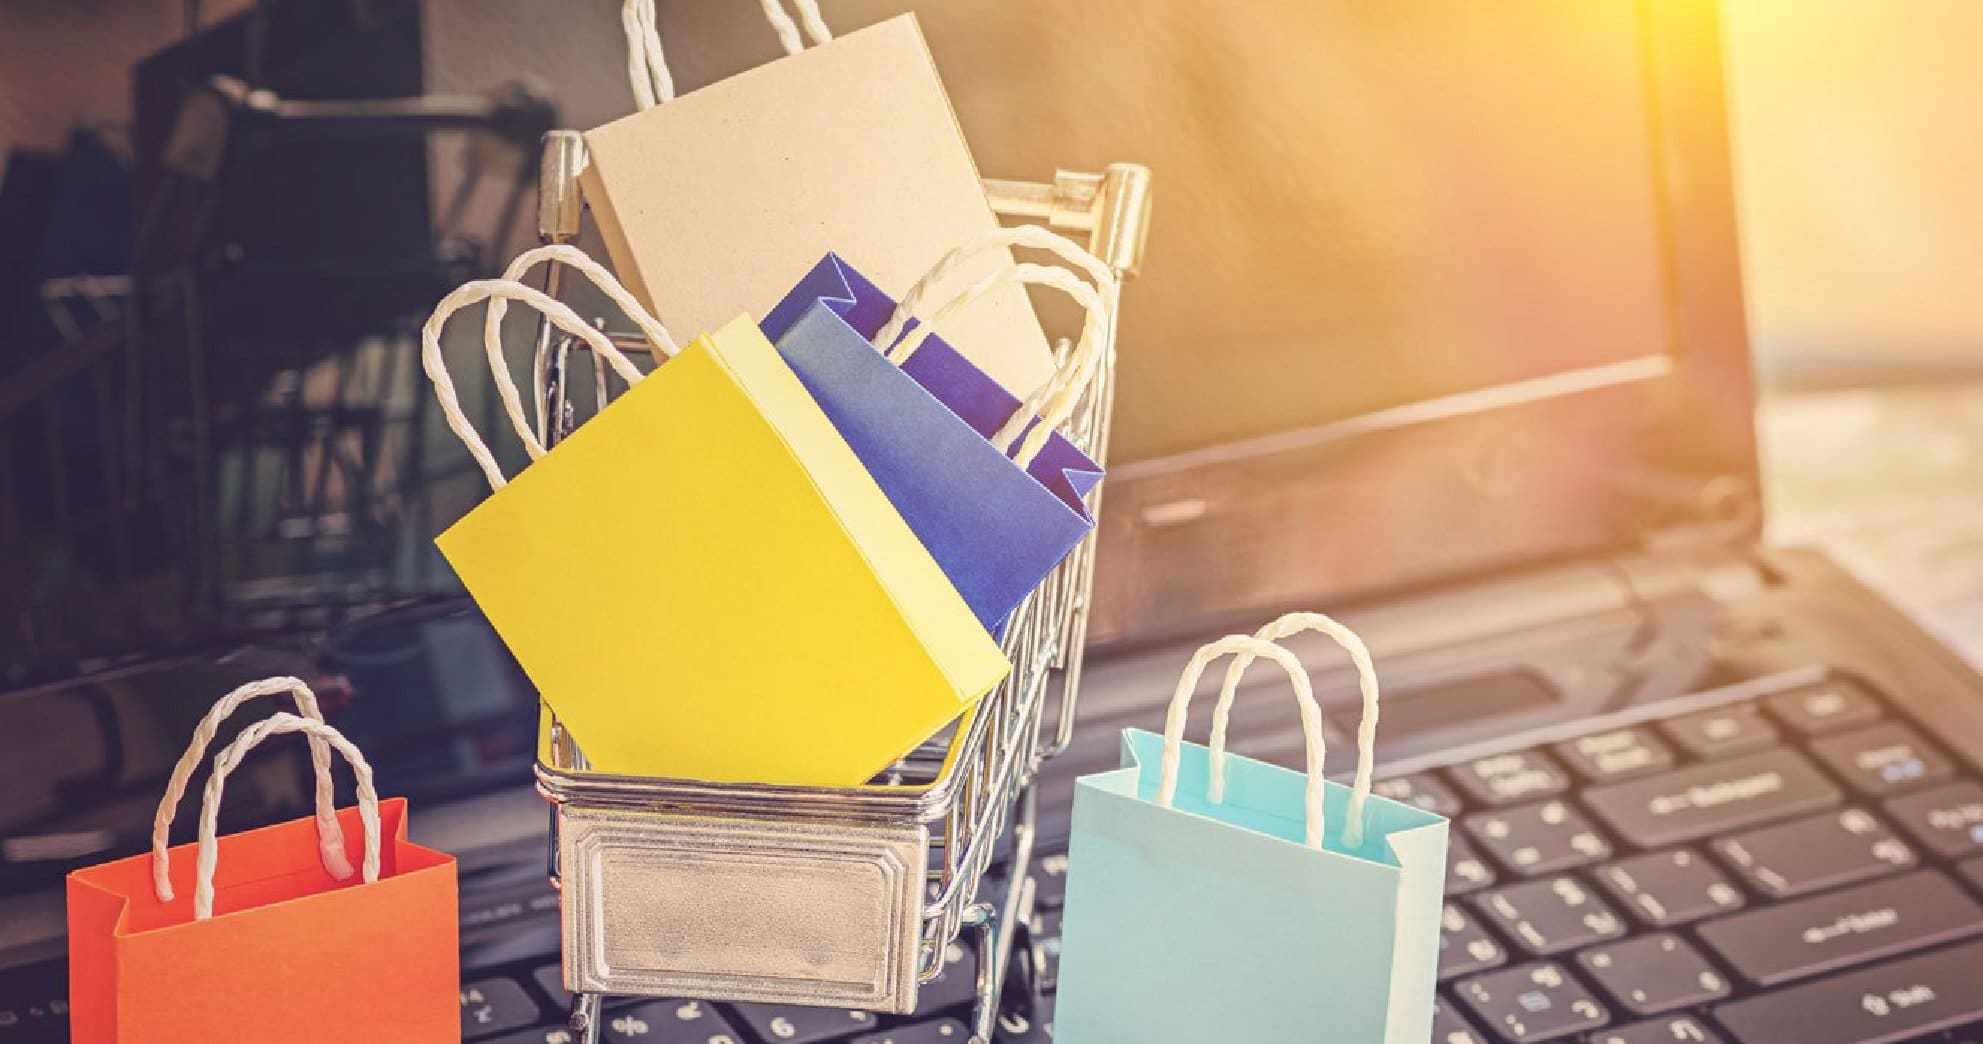 El impulso del Covid-19 en el crecimiento del eCommerce